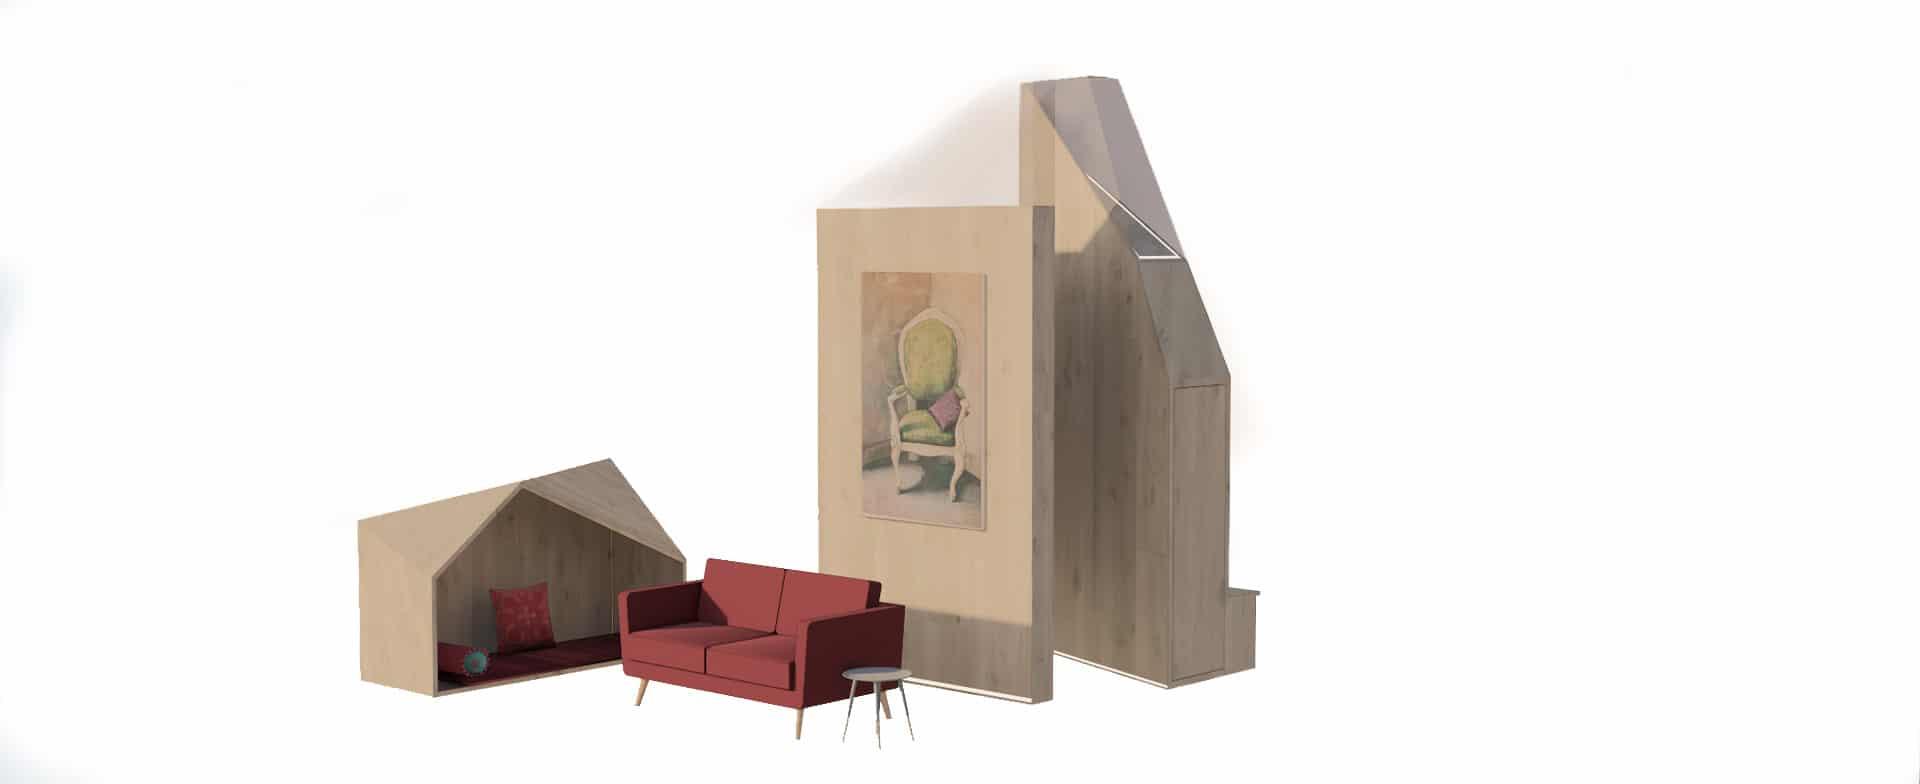 Architecture D Intérieur Saint Luc agence d'architecture et de design de frédéric tabary à